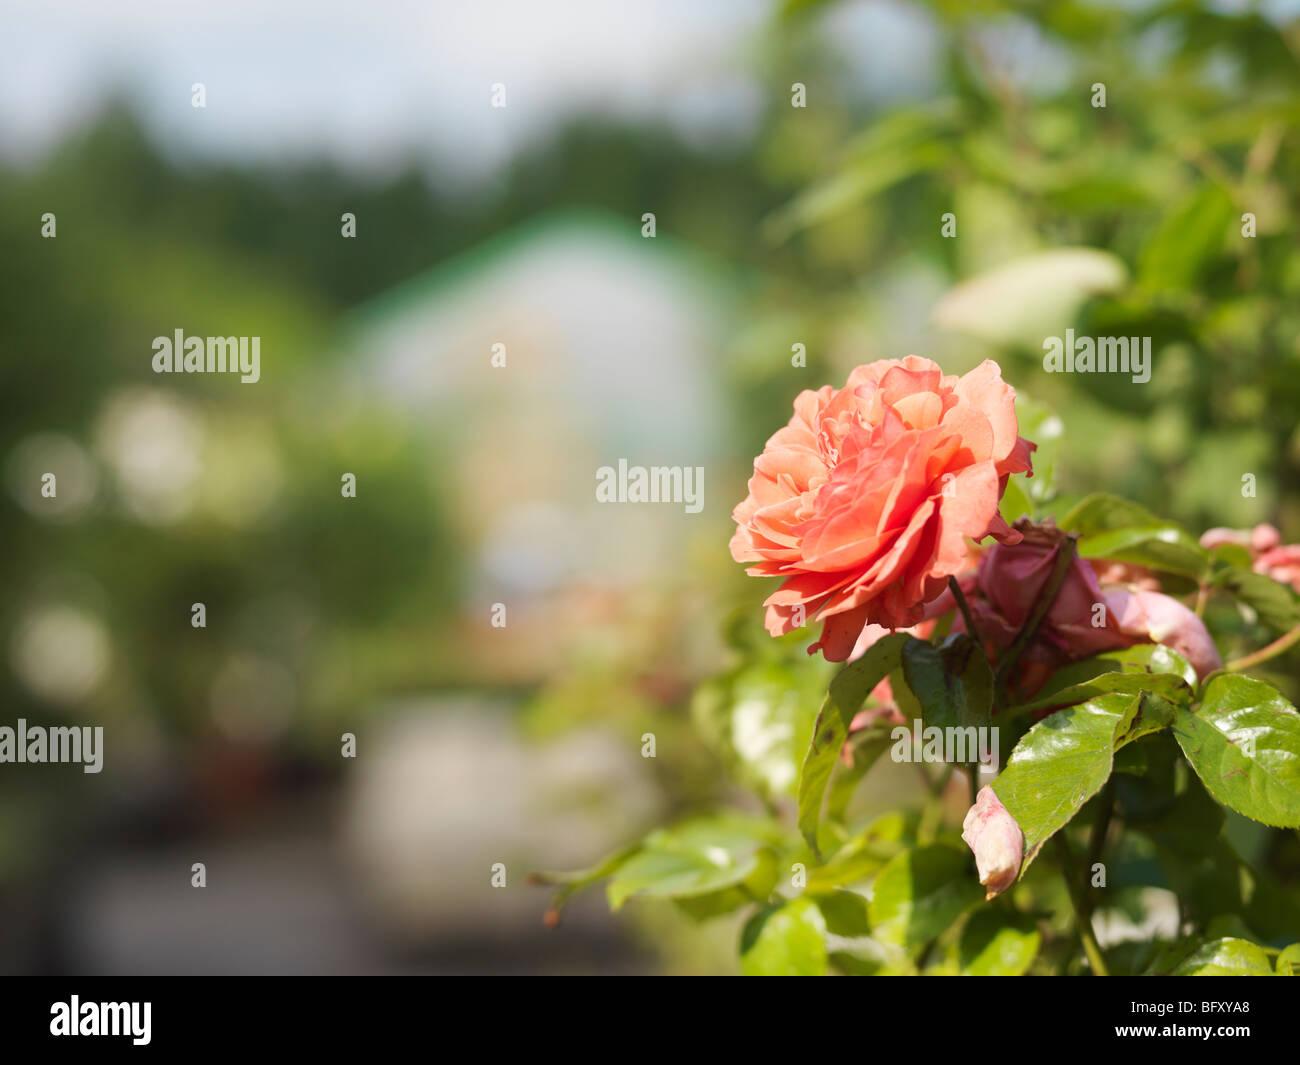 Rose In Garden Center - Stock Image